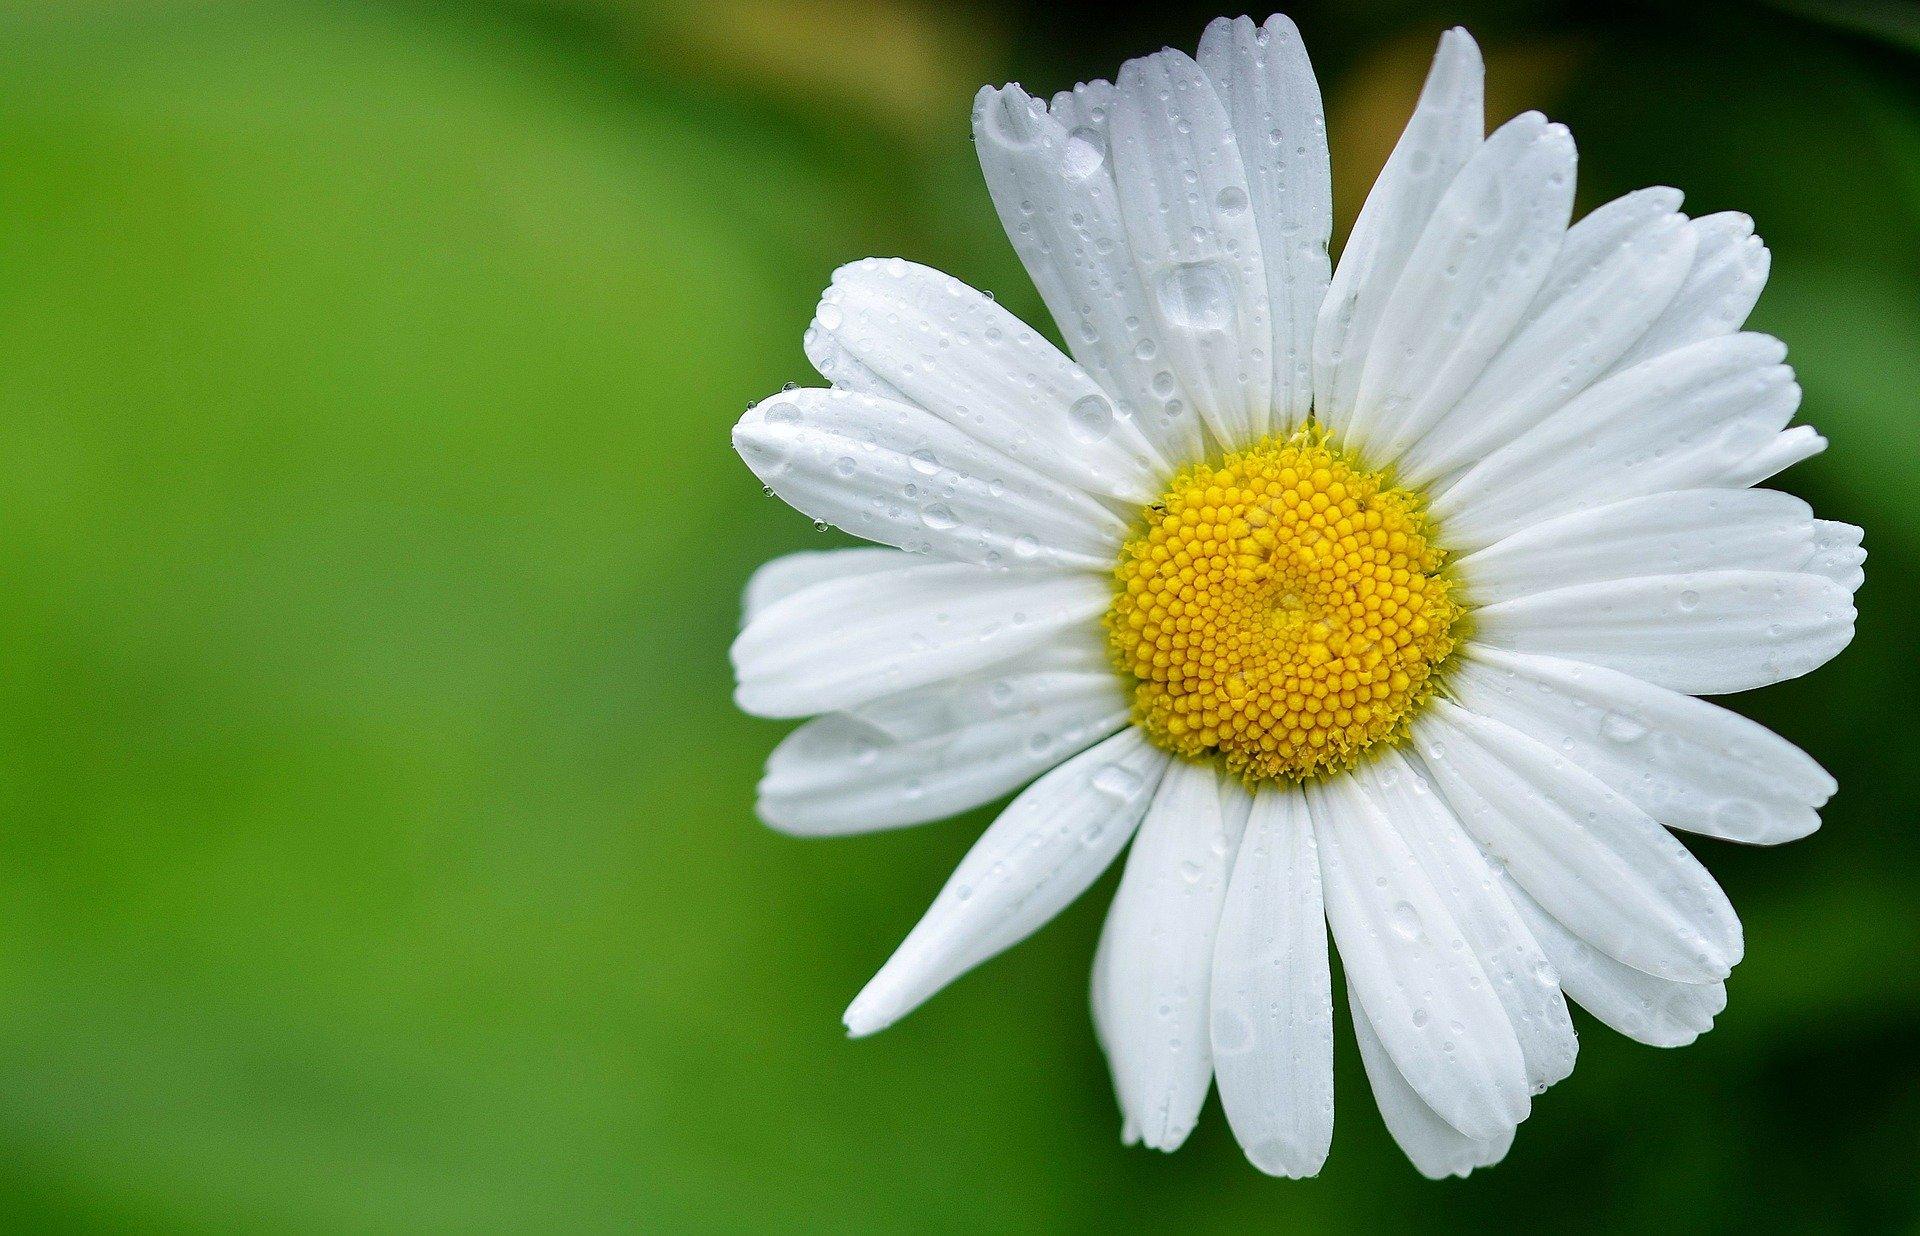 daisy-144677_1920